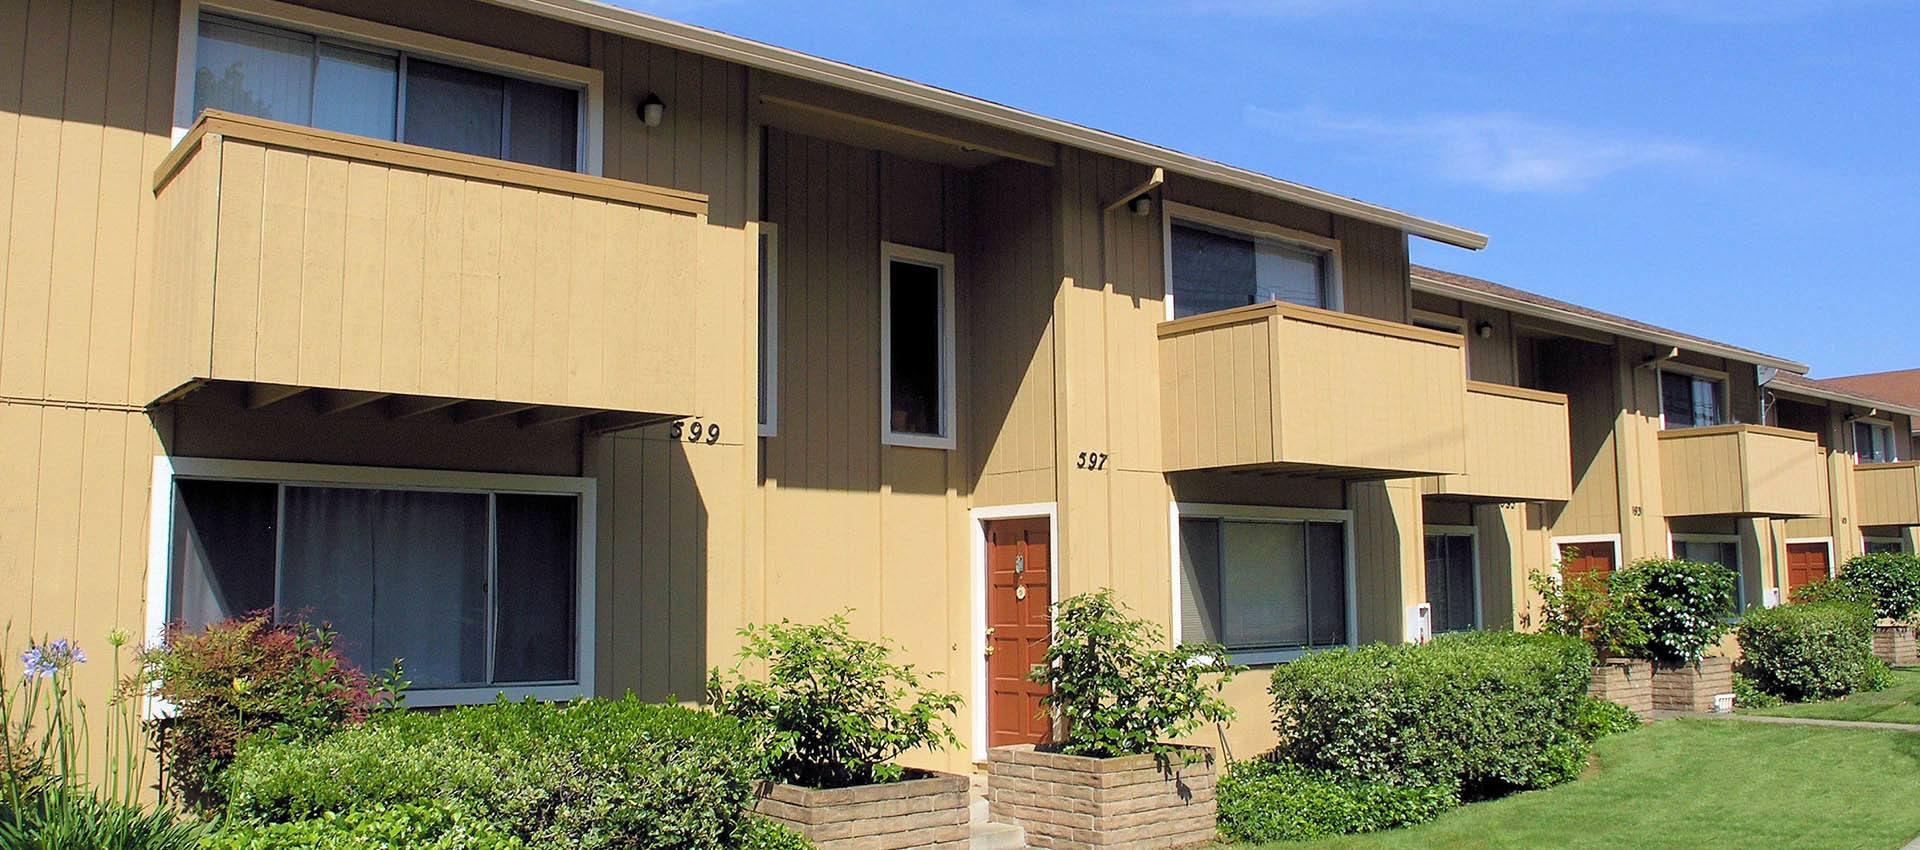 Exterior at Spring Lake Apartment Homes in Santa Rosa, CA